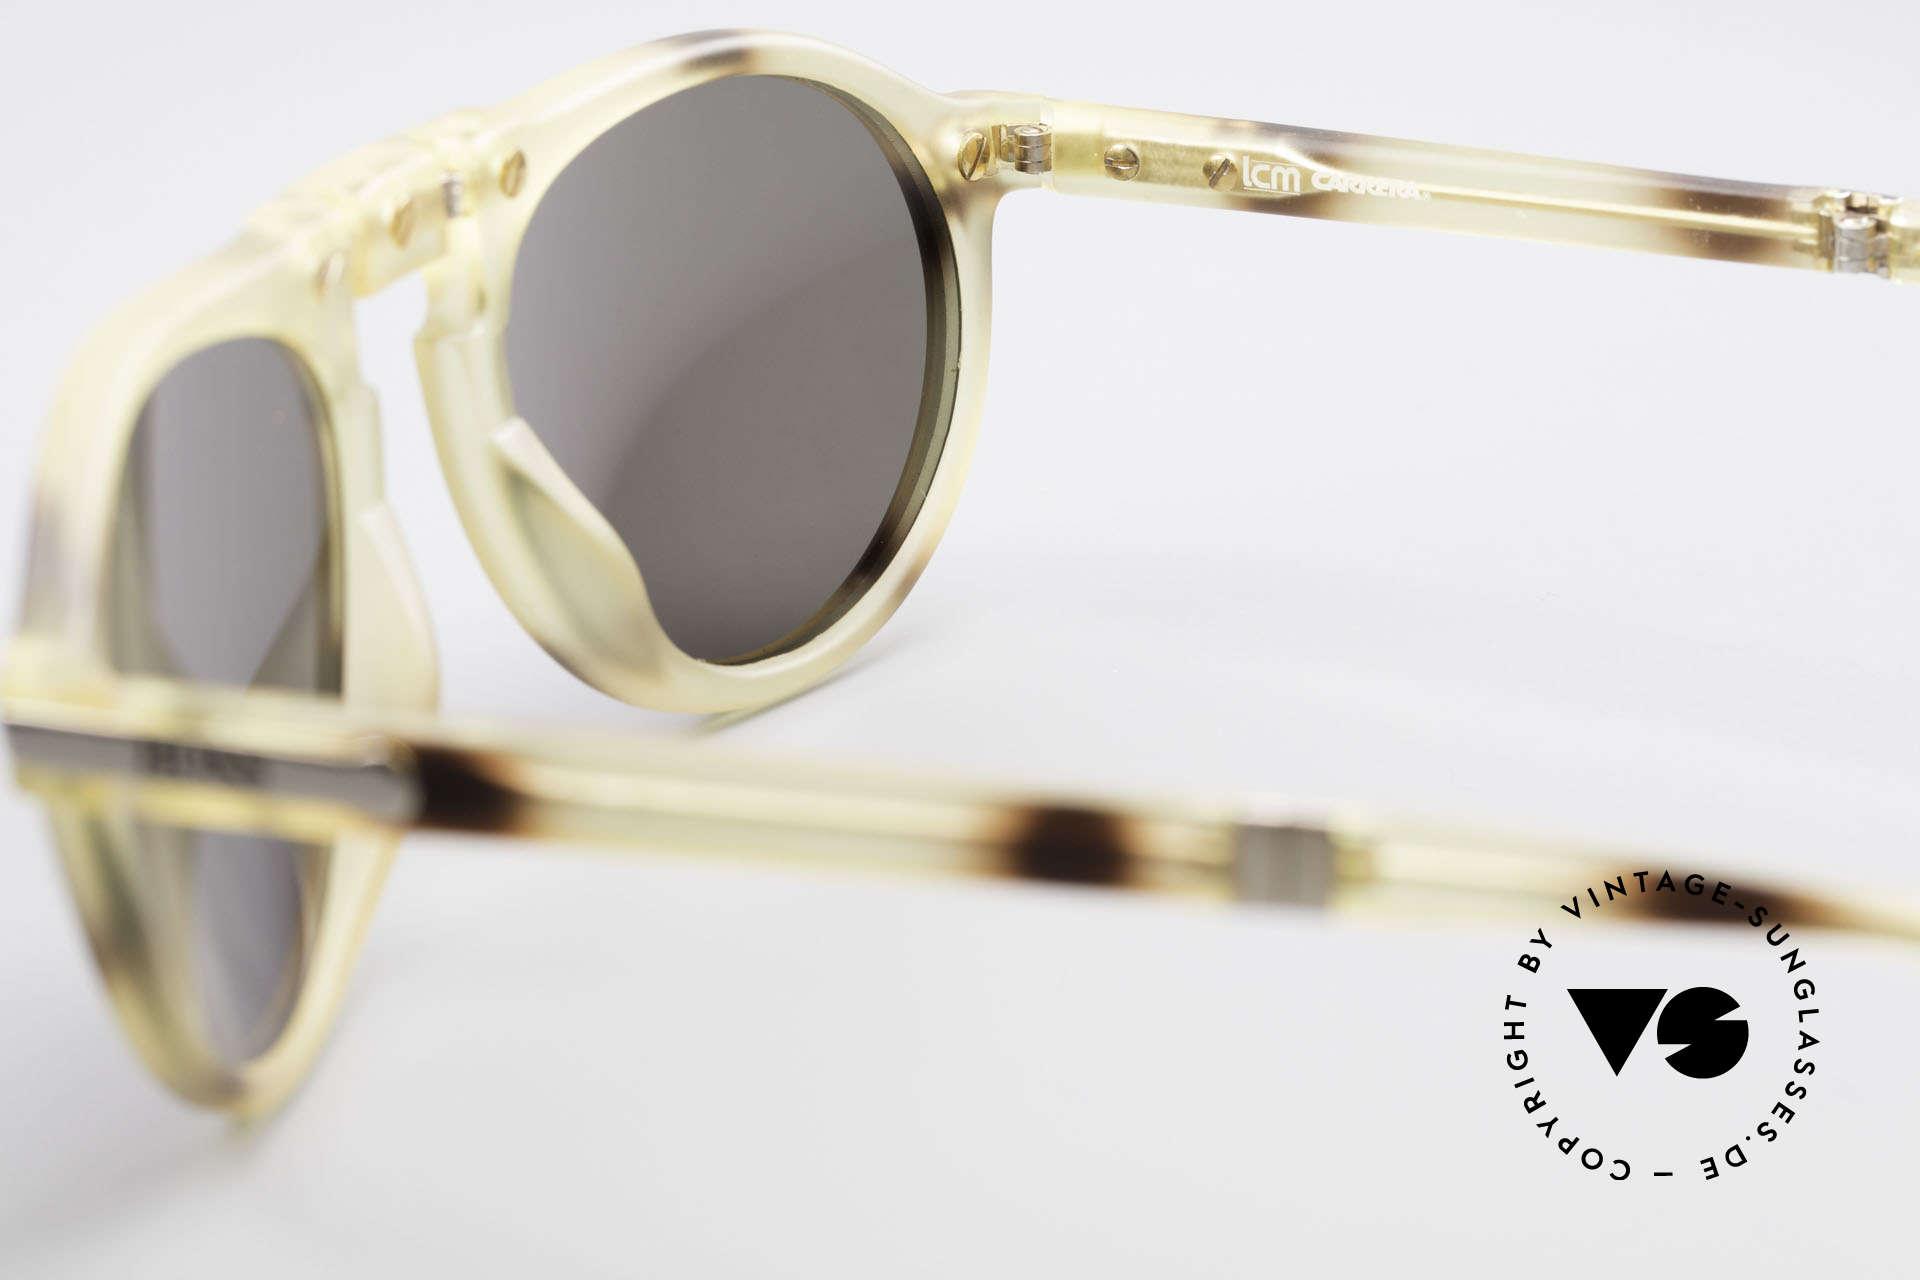 BOSS 5153 Vintage Faltsonnenbrille 90er, ungetragenes Designerstück inkl. original BOSS Etui, Passend für Herren